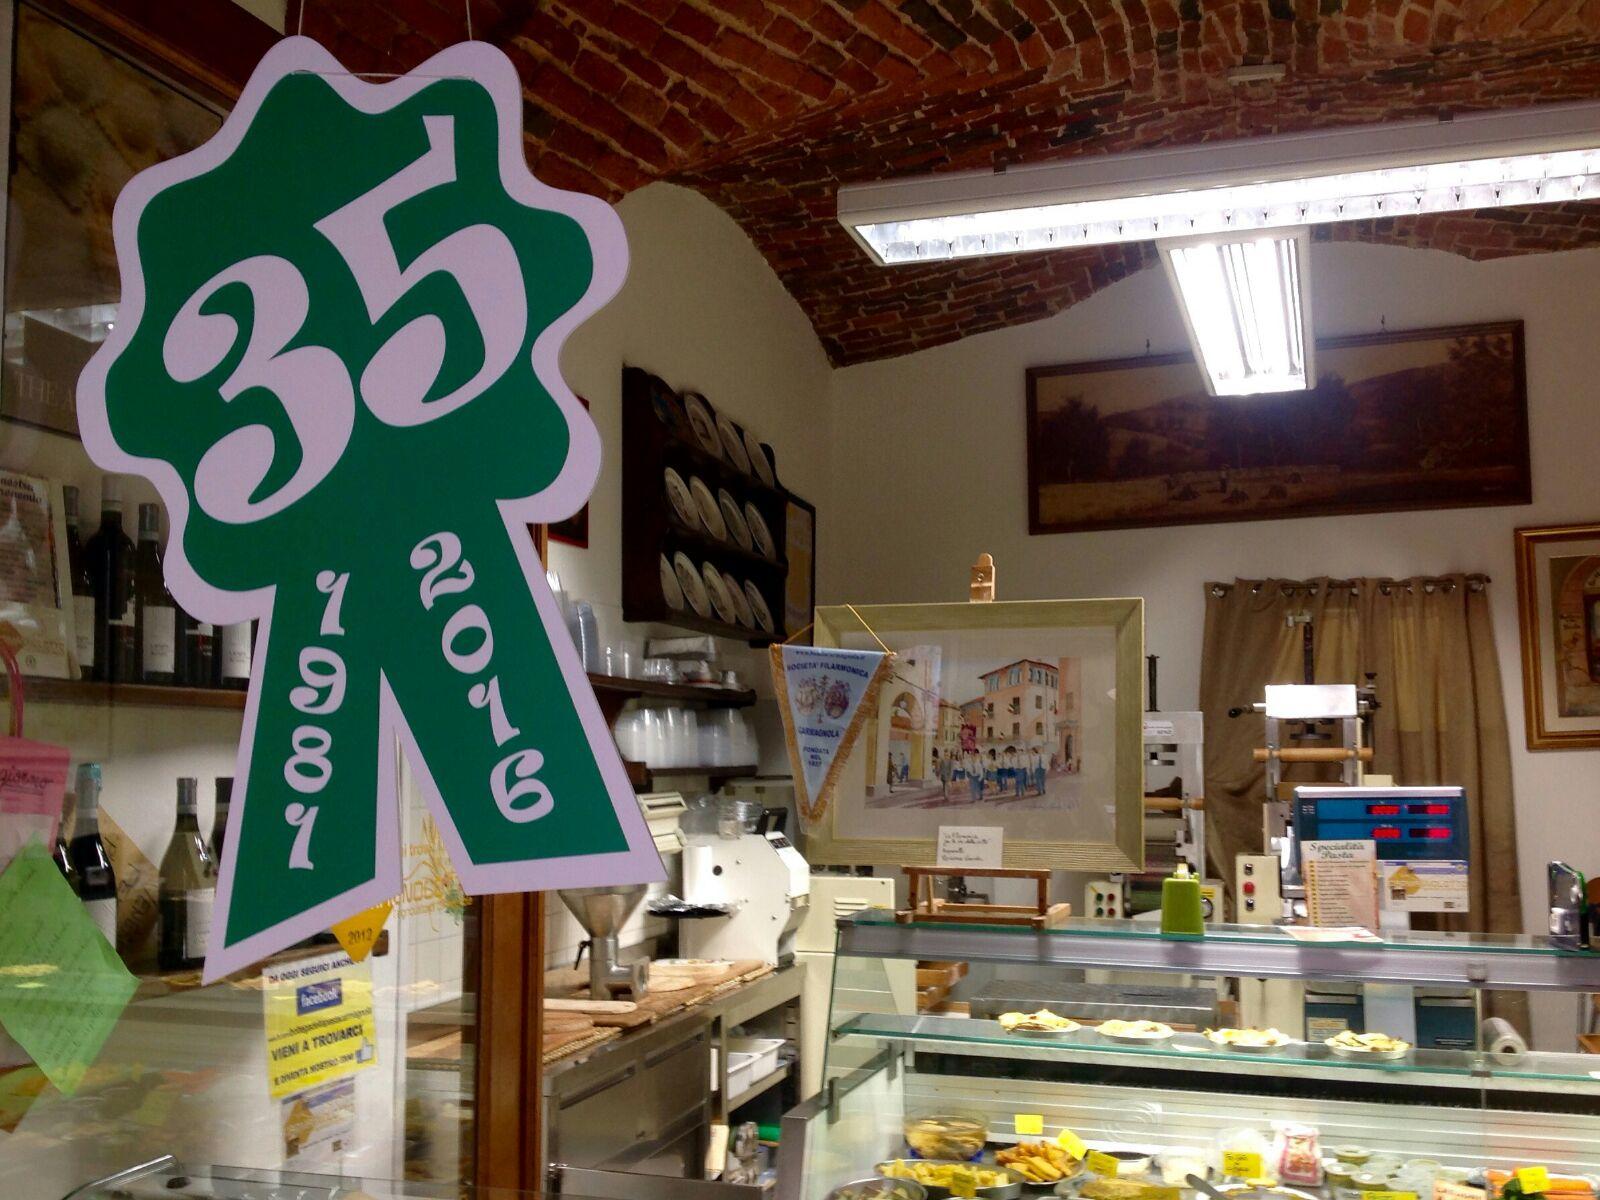 Bottega della Pasta (Via Valobra 51)